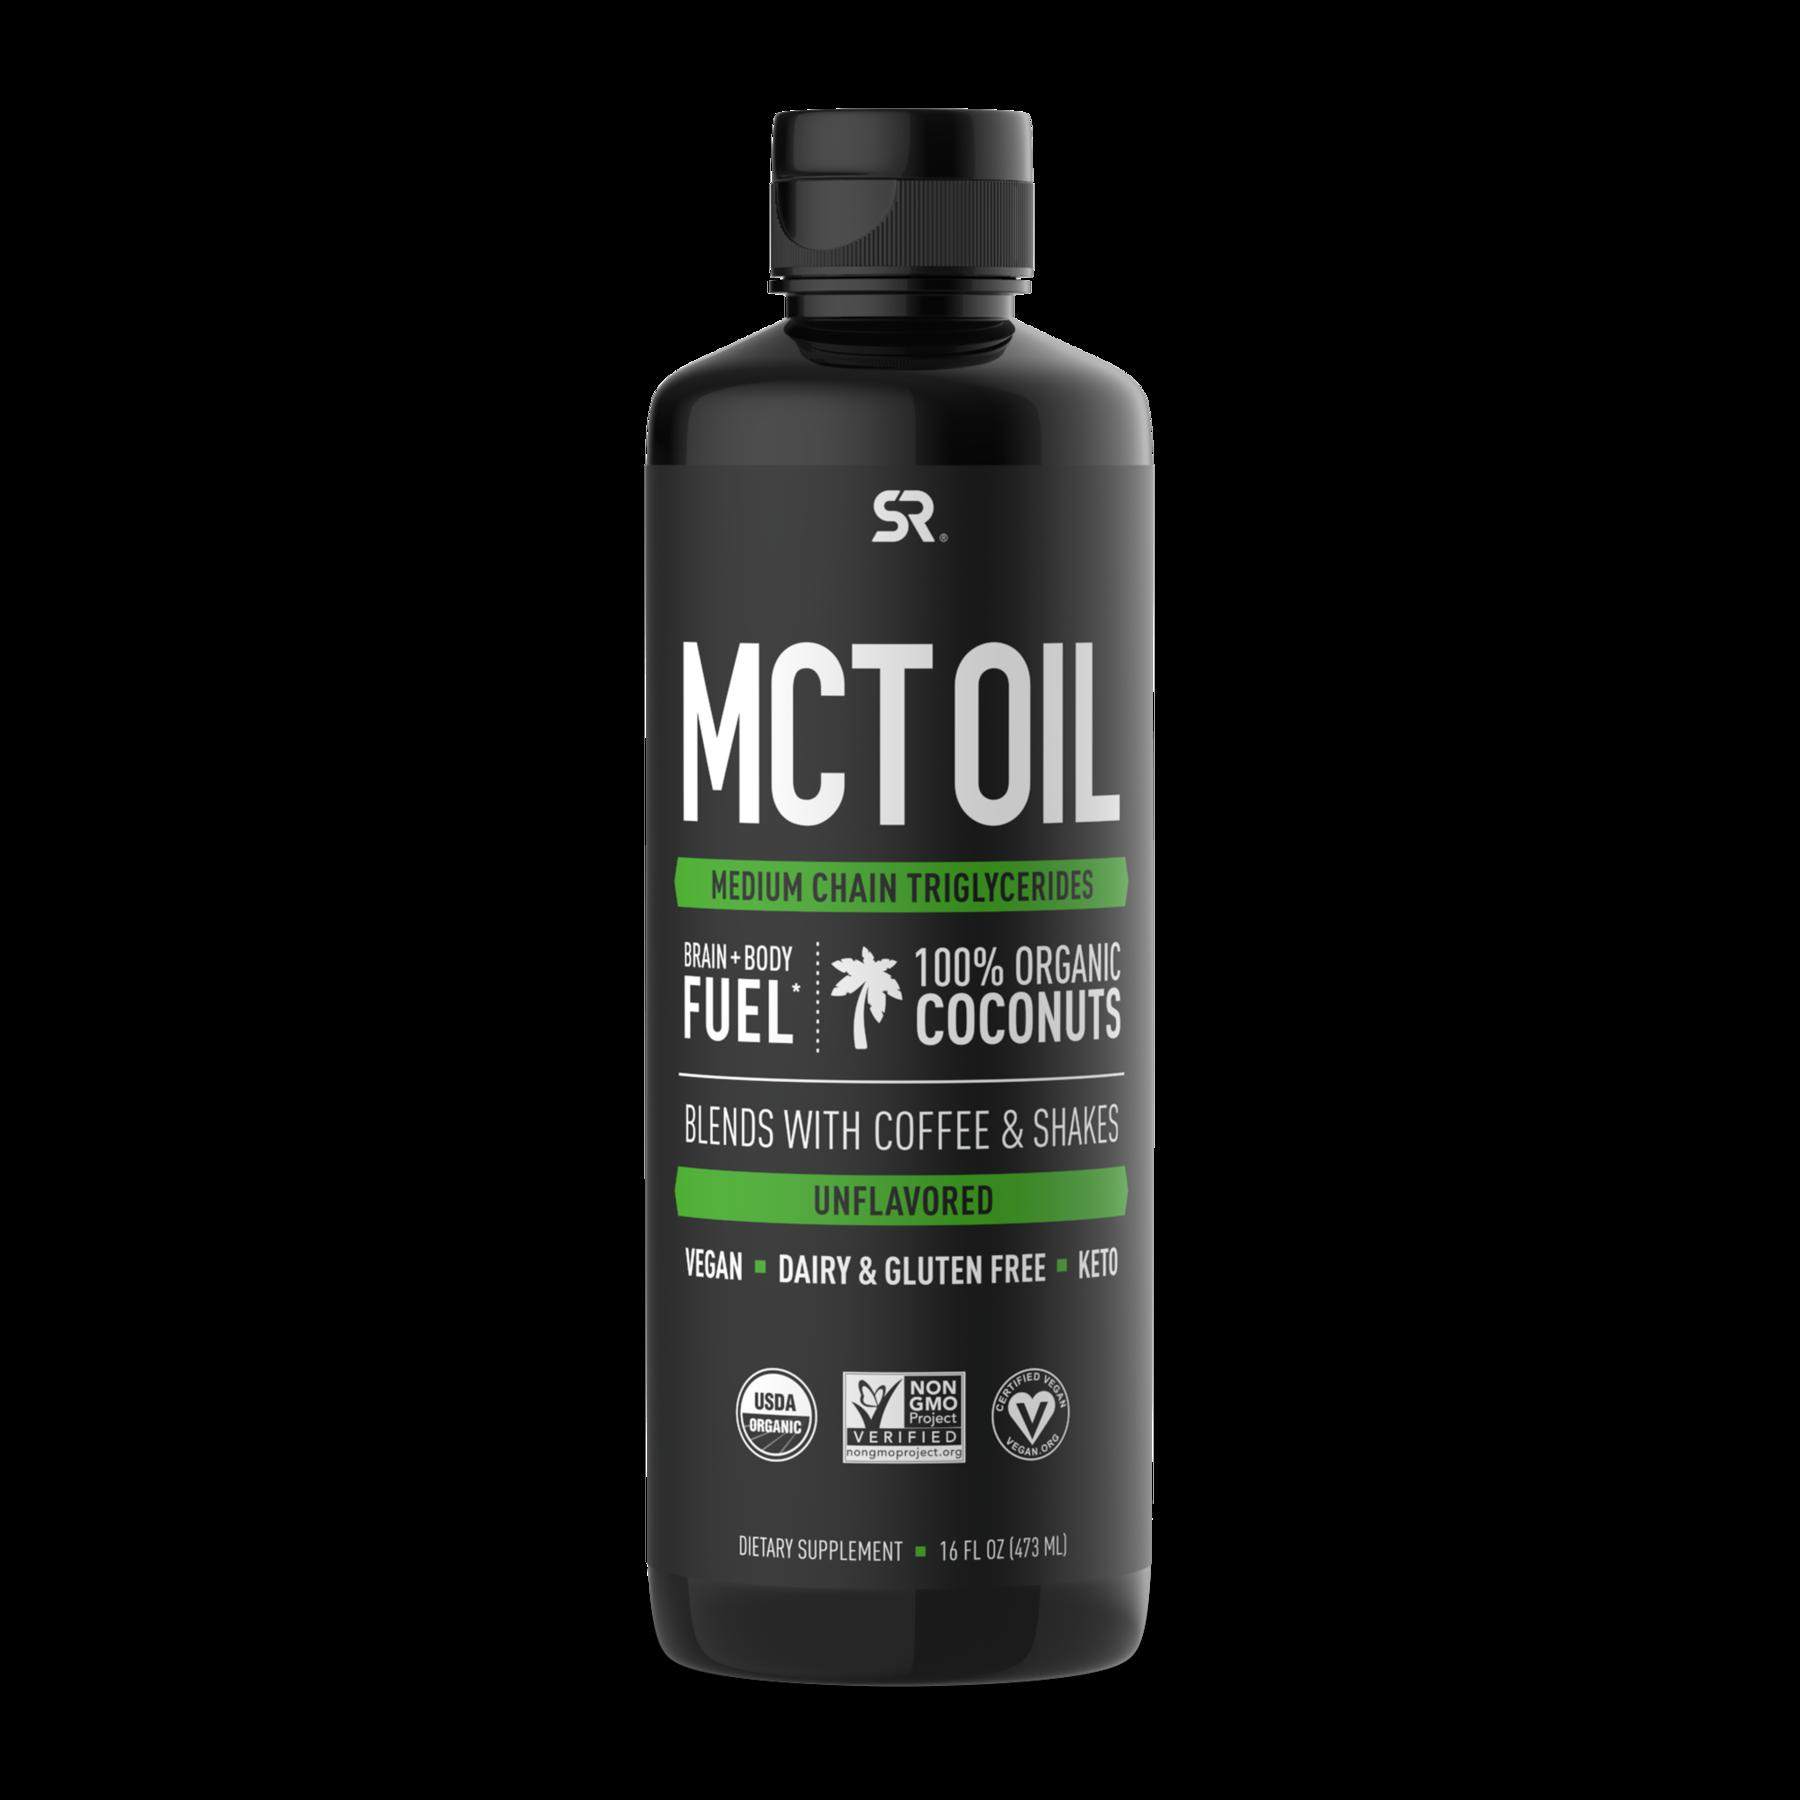 Масло с жирными кислотами МСТ, MCT Oil, Sports Research, 473 мл (16 fl oz)